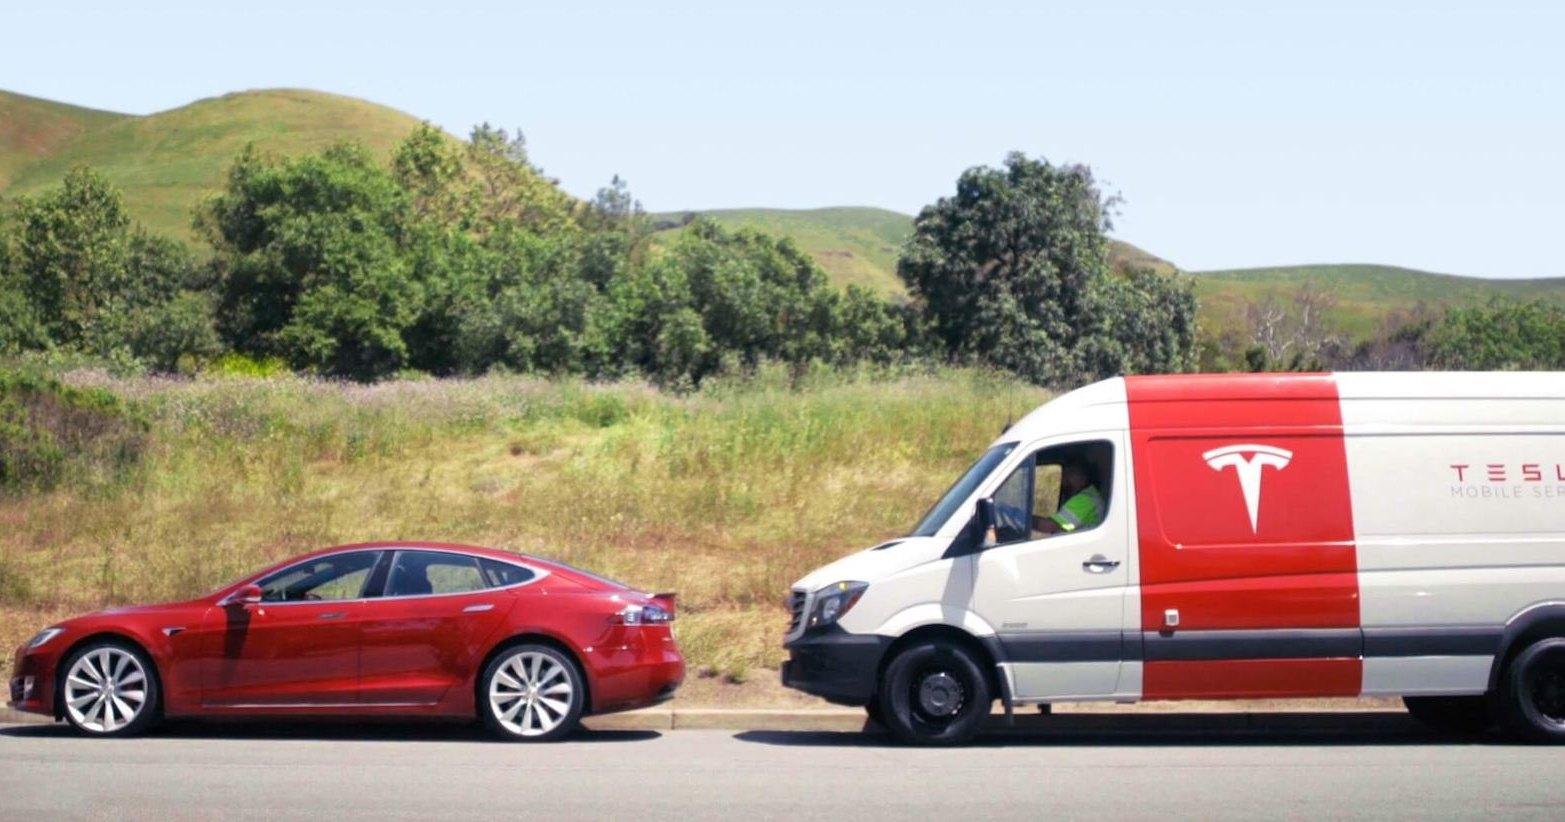 Сотрудника Tesla поймали спящим за рулём